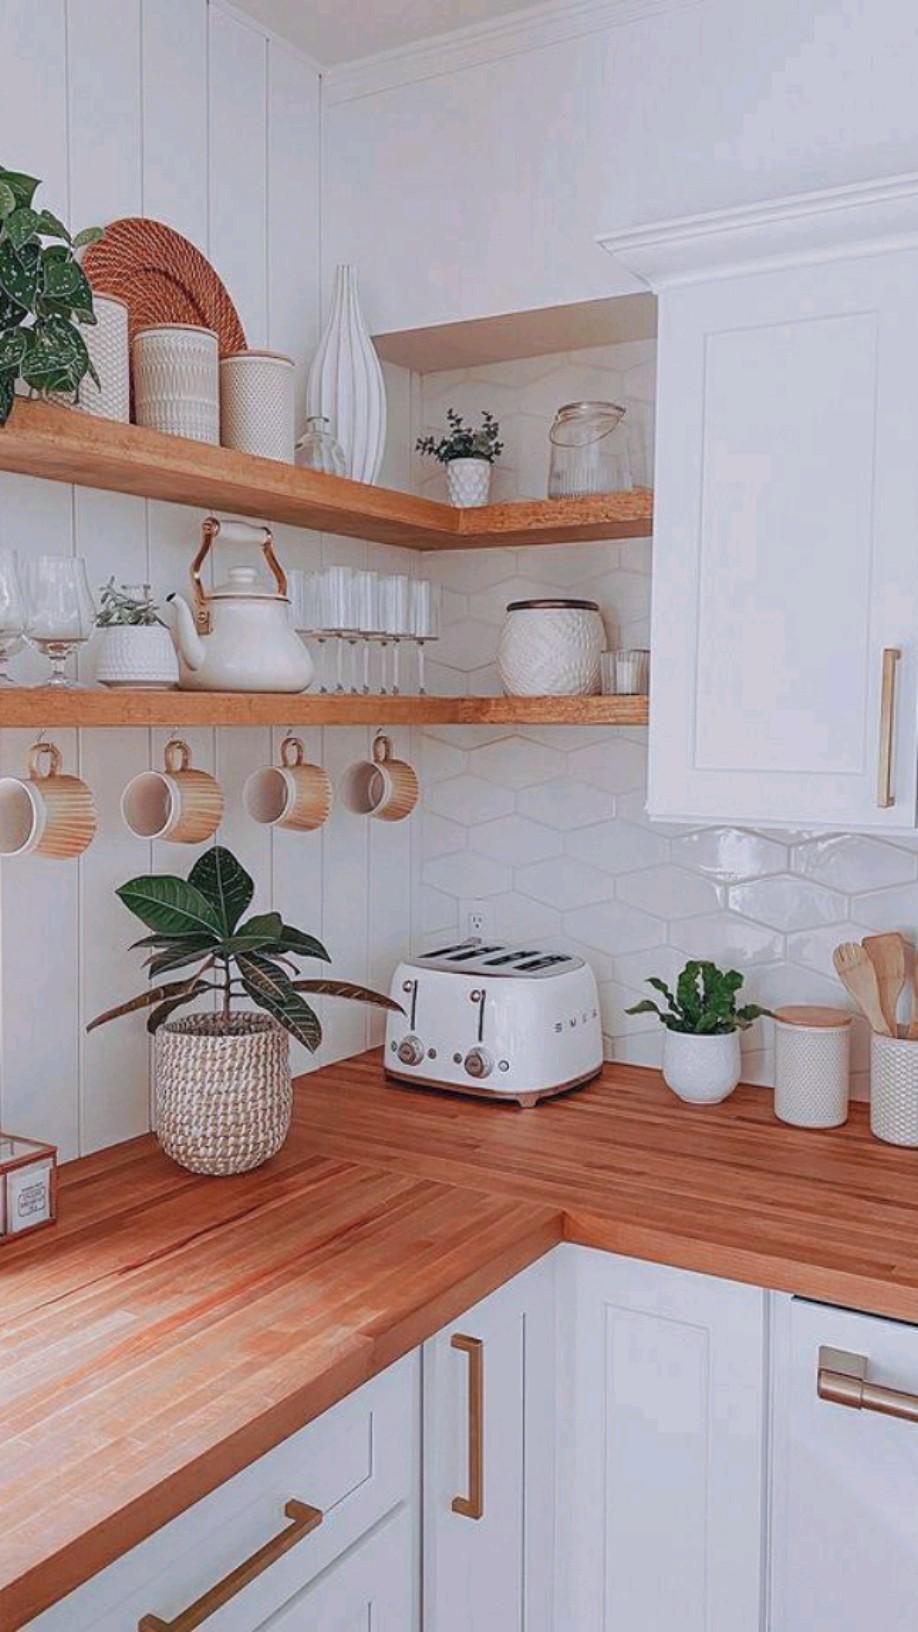 Nowoczesna kuchnia: materiały, style dodatki